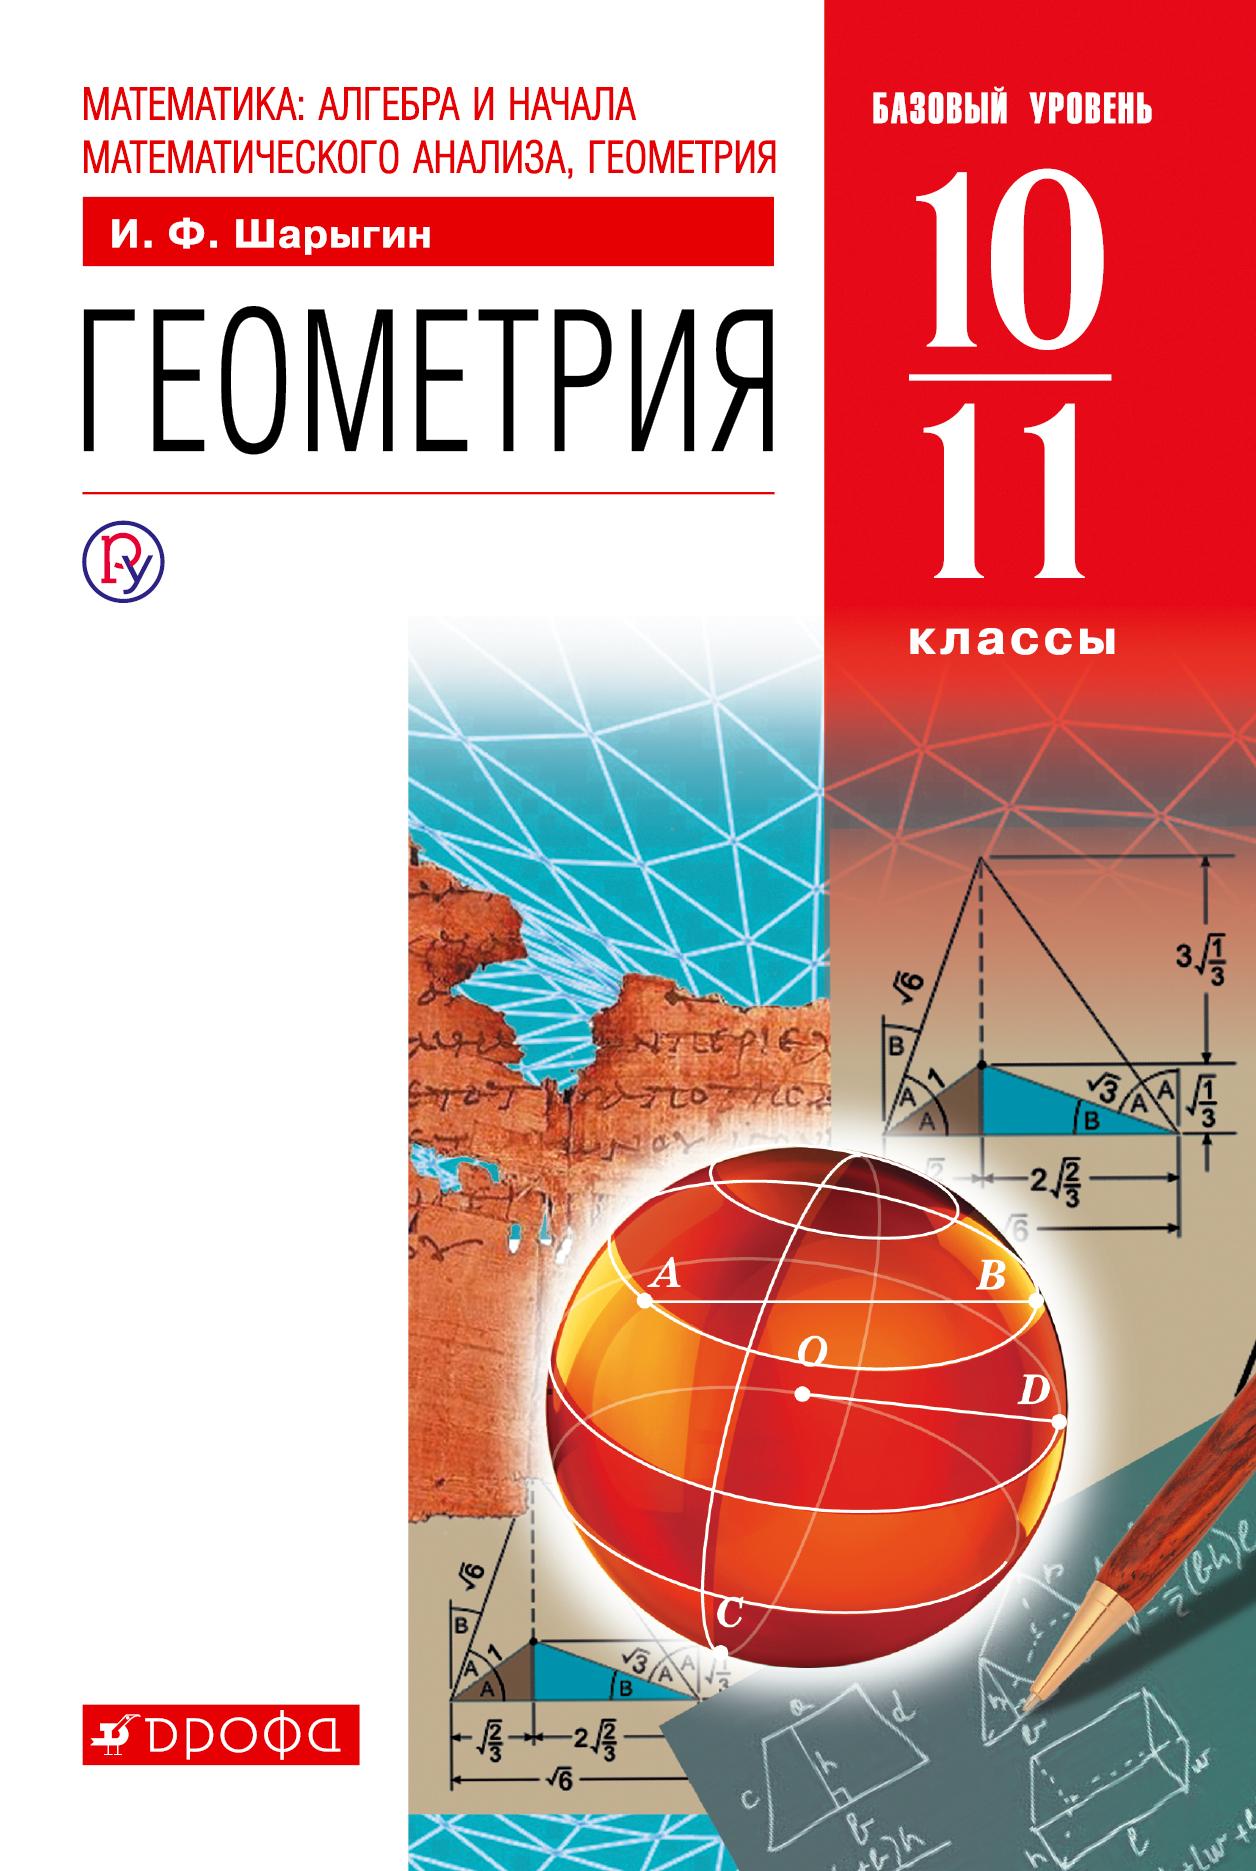 Шарыгин И.Ф. Математика. Геометрия. Базовый уровень. 10-11 классы. Учебник.